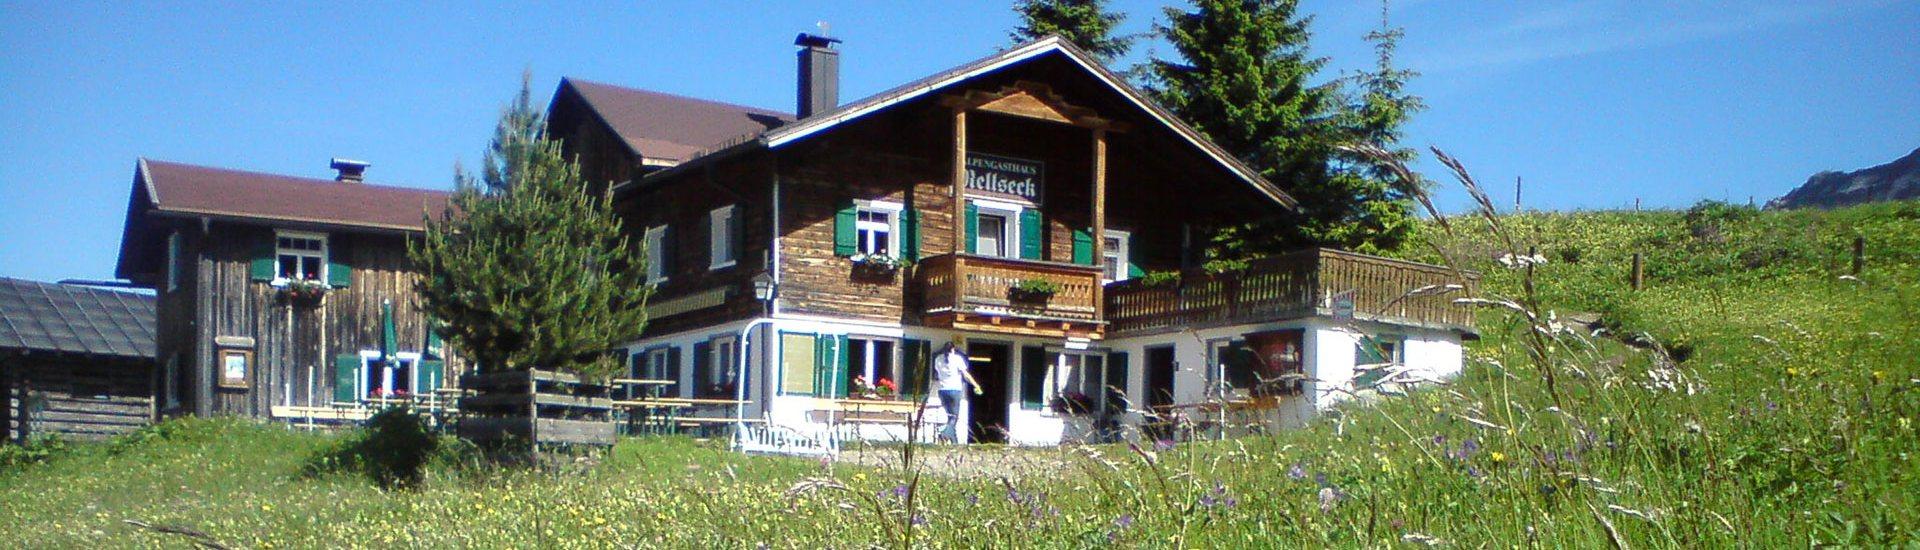 berggasthof-rellseck-montafon-2-s